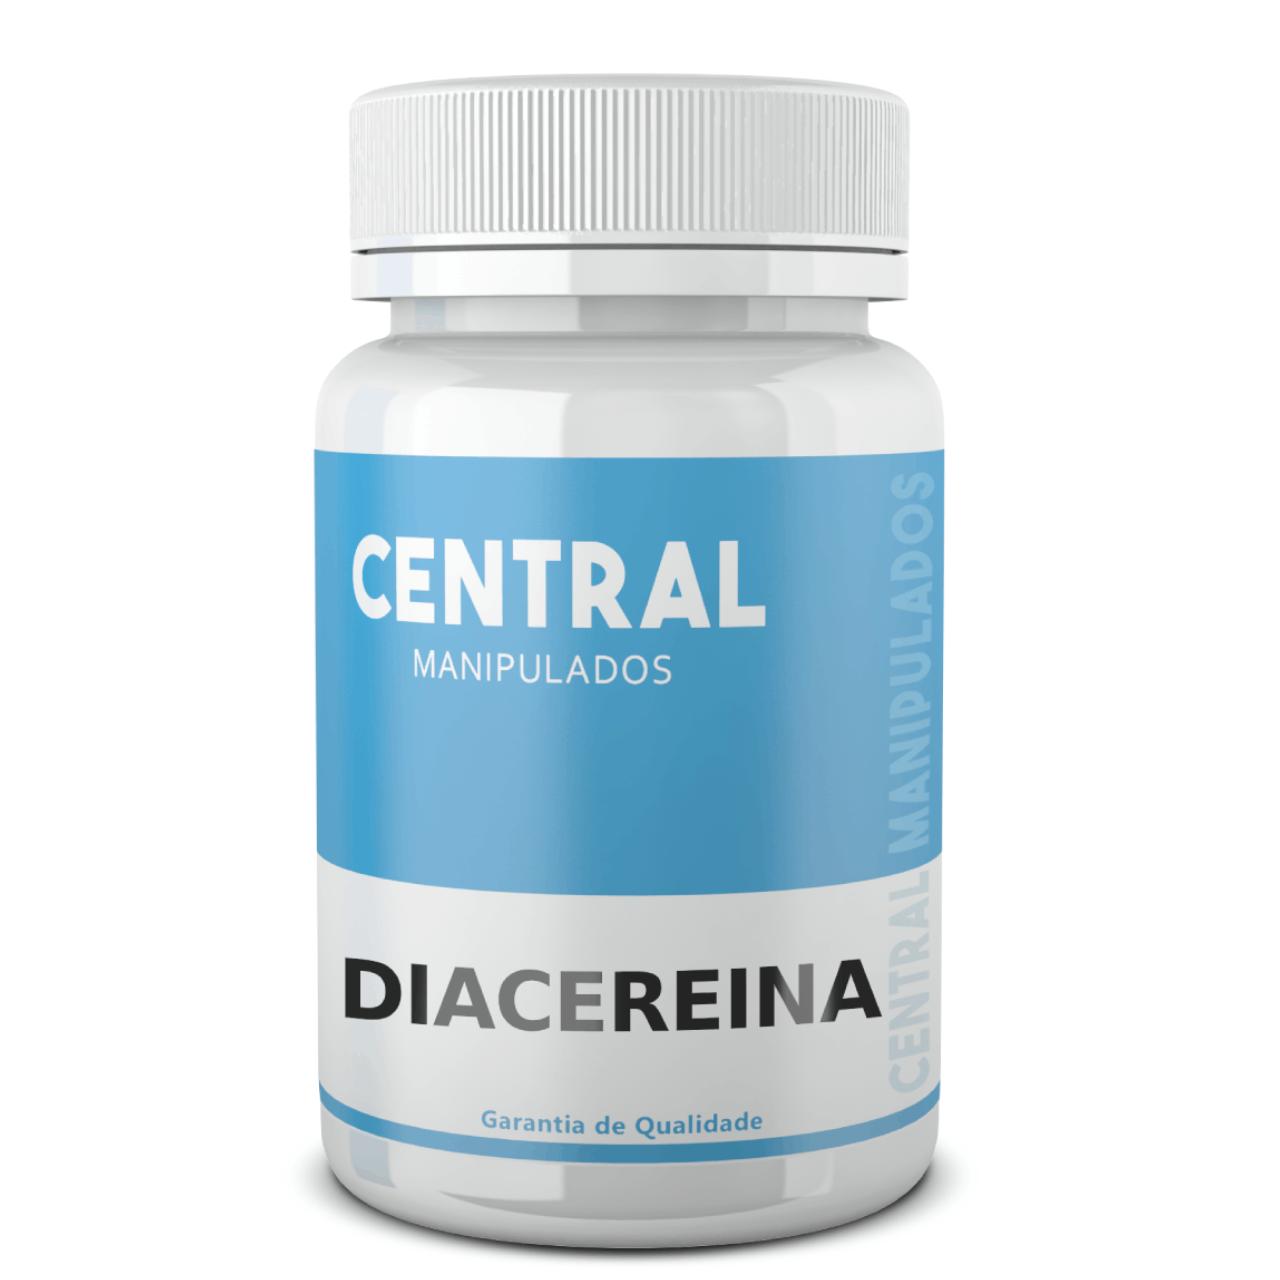 Diacereina 50mg - 90 Cápsulas - analgésica, anti-inflamatória e antipirética